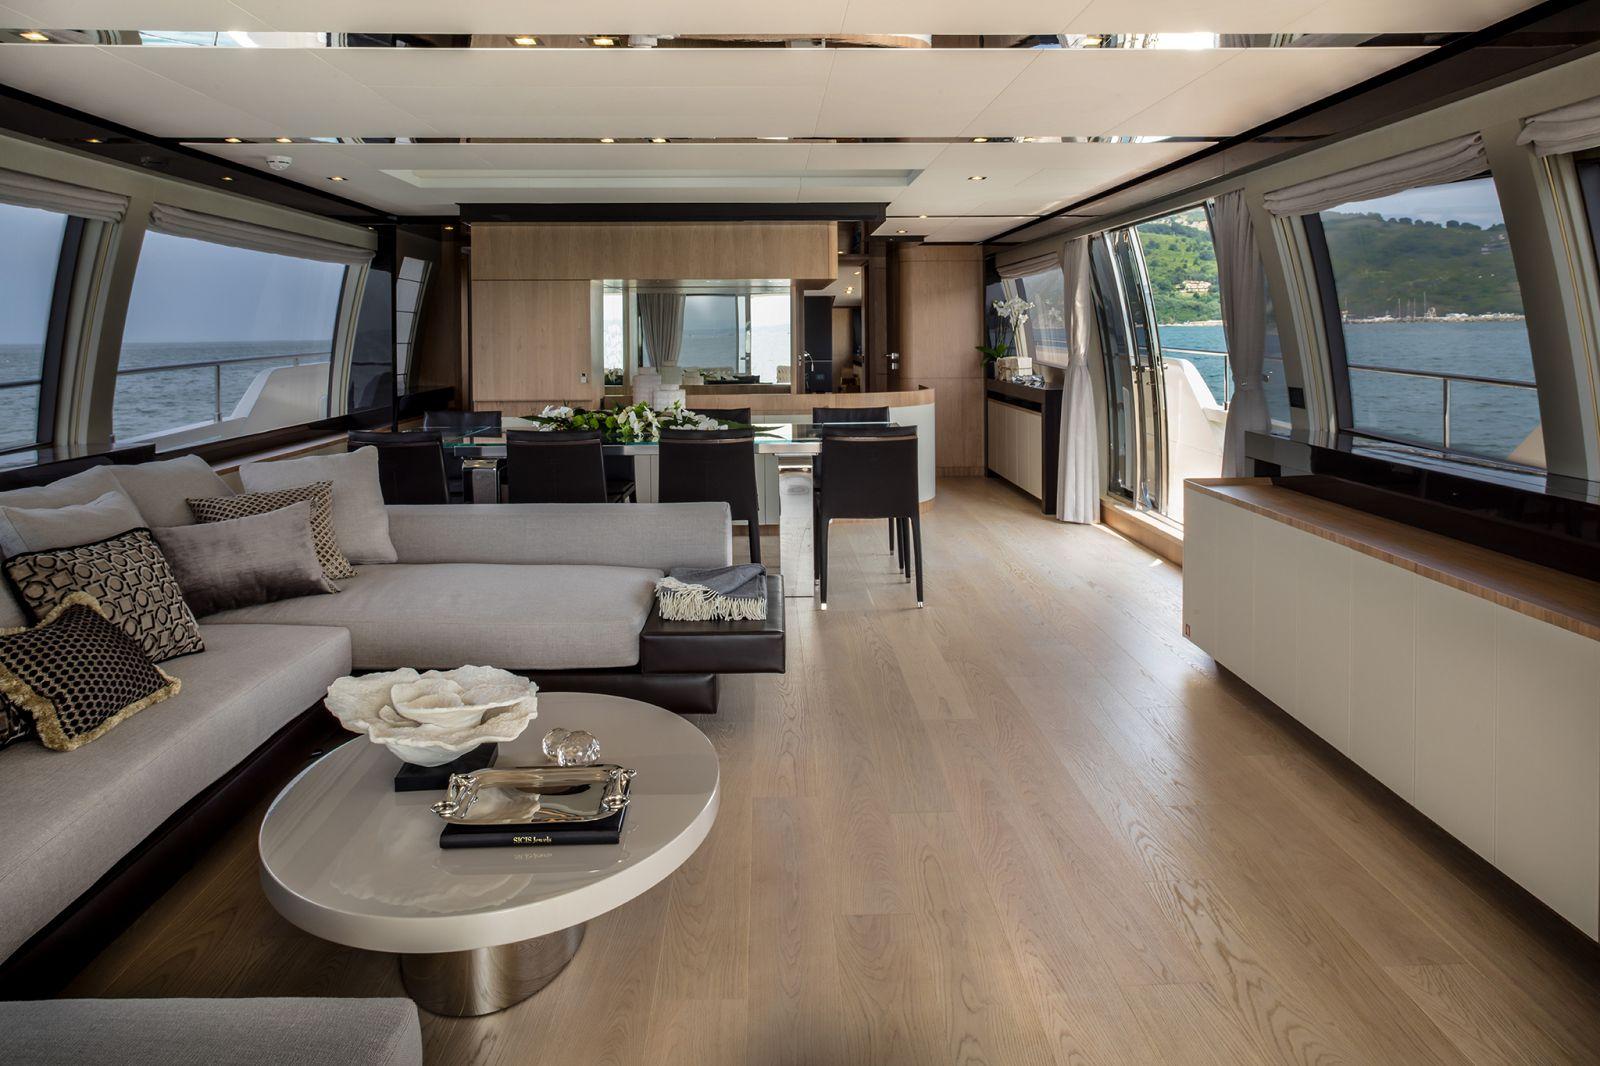 Ferretti Yachts 960 Cabin - New Luxury Superyach for Sale >